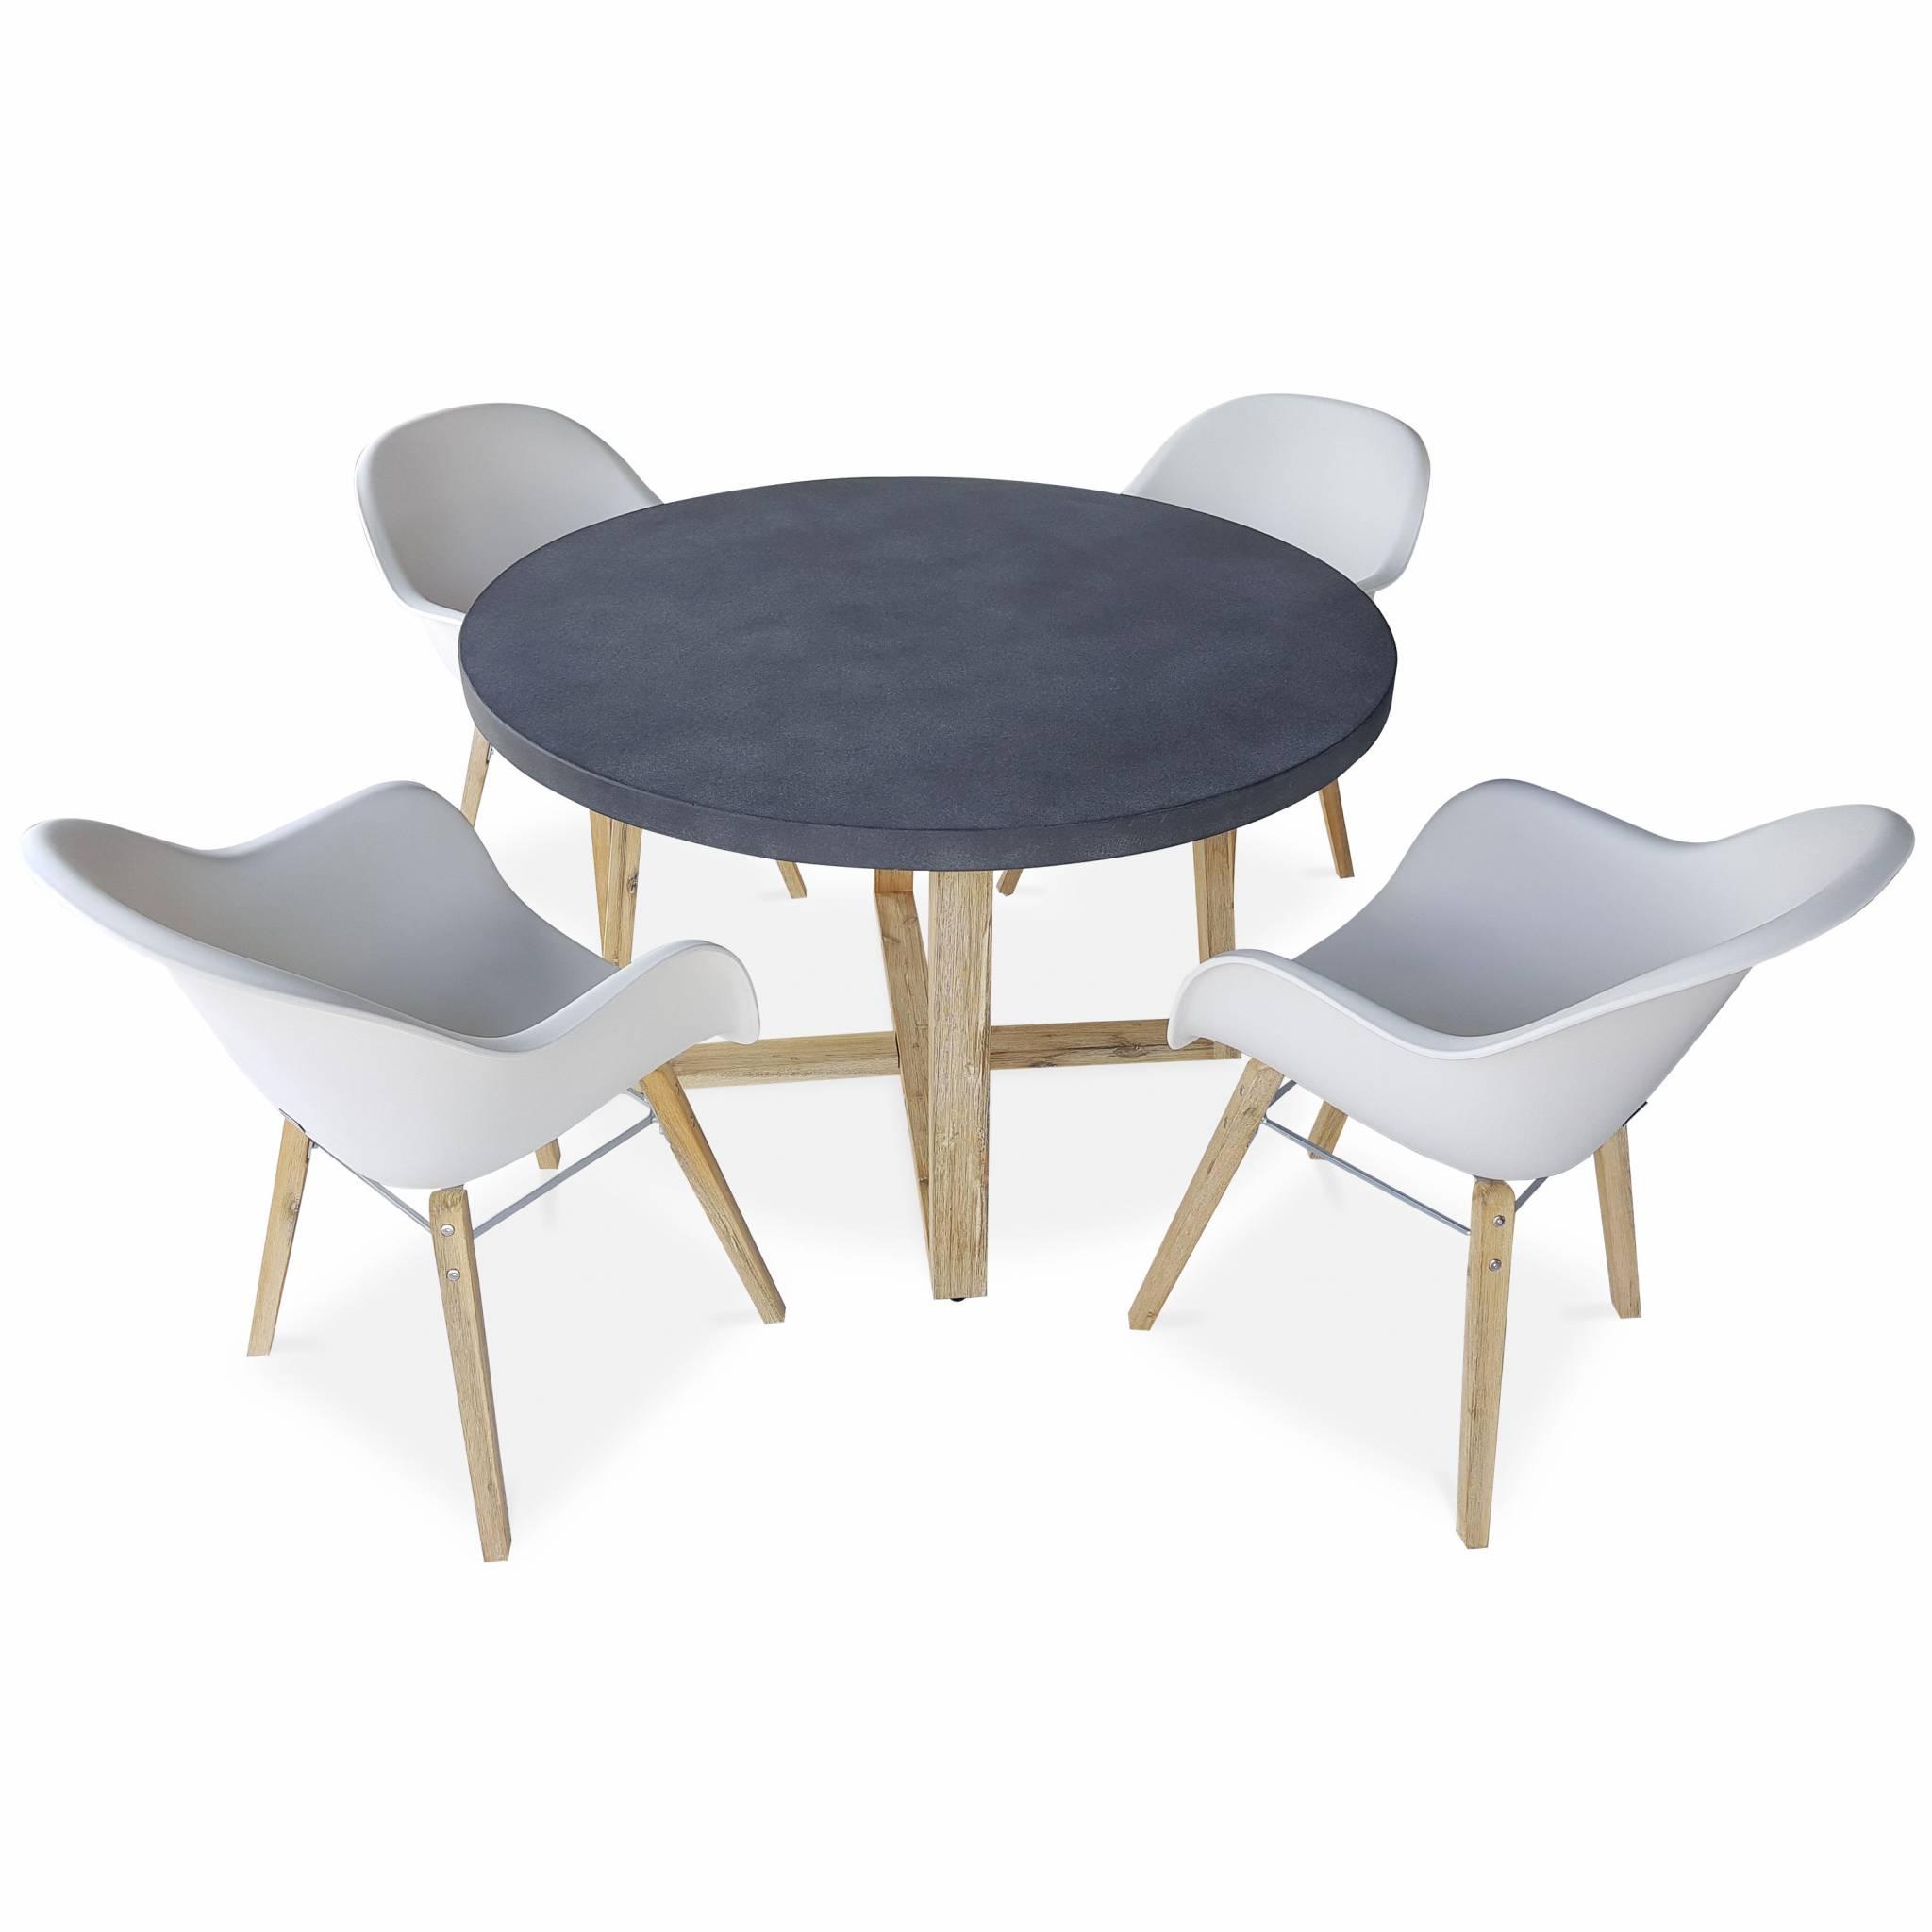 Table ronde 4 places et fauteuils scandinaves blanches